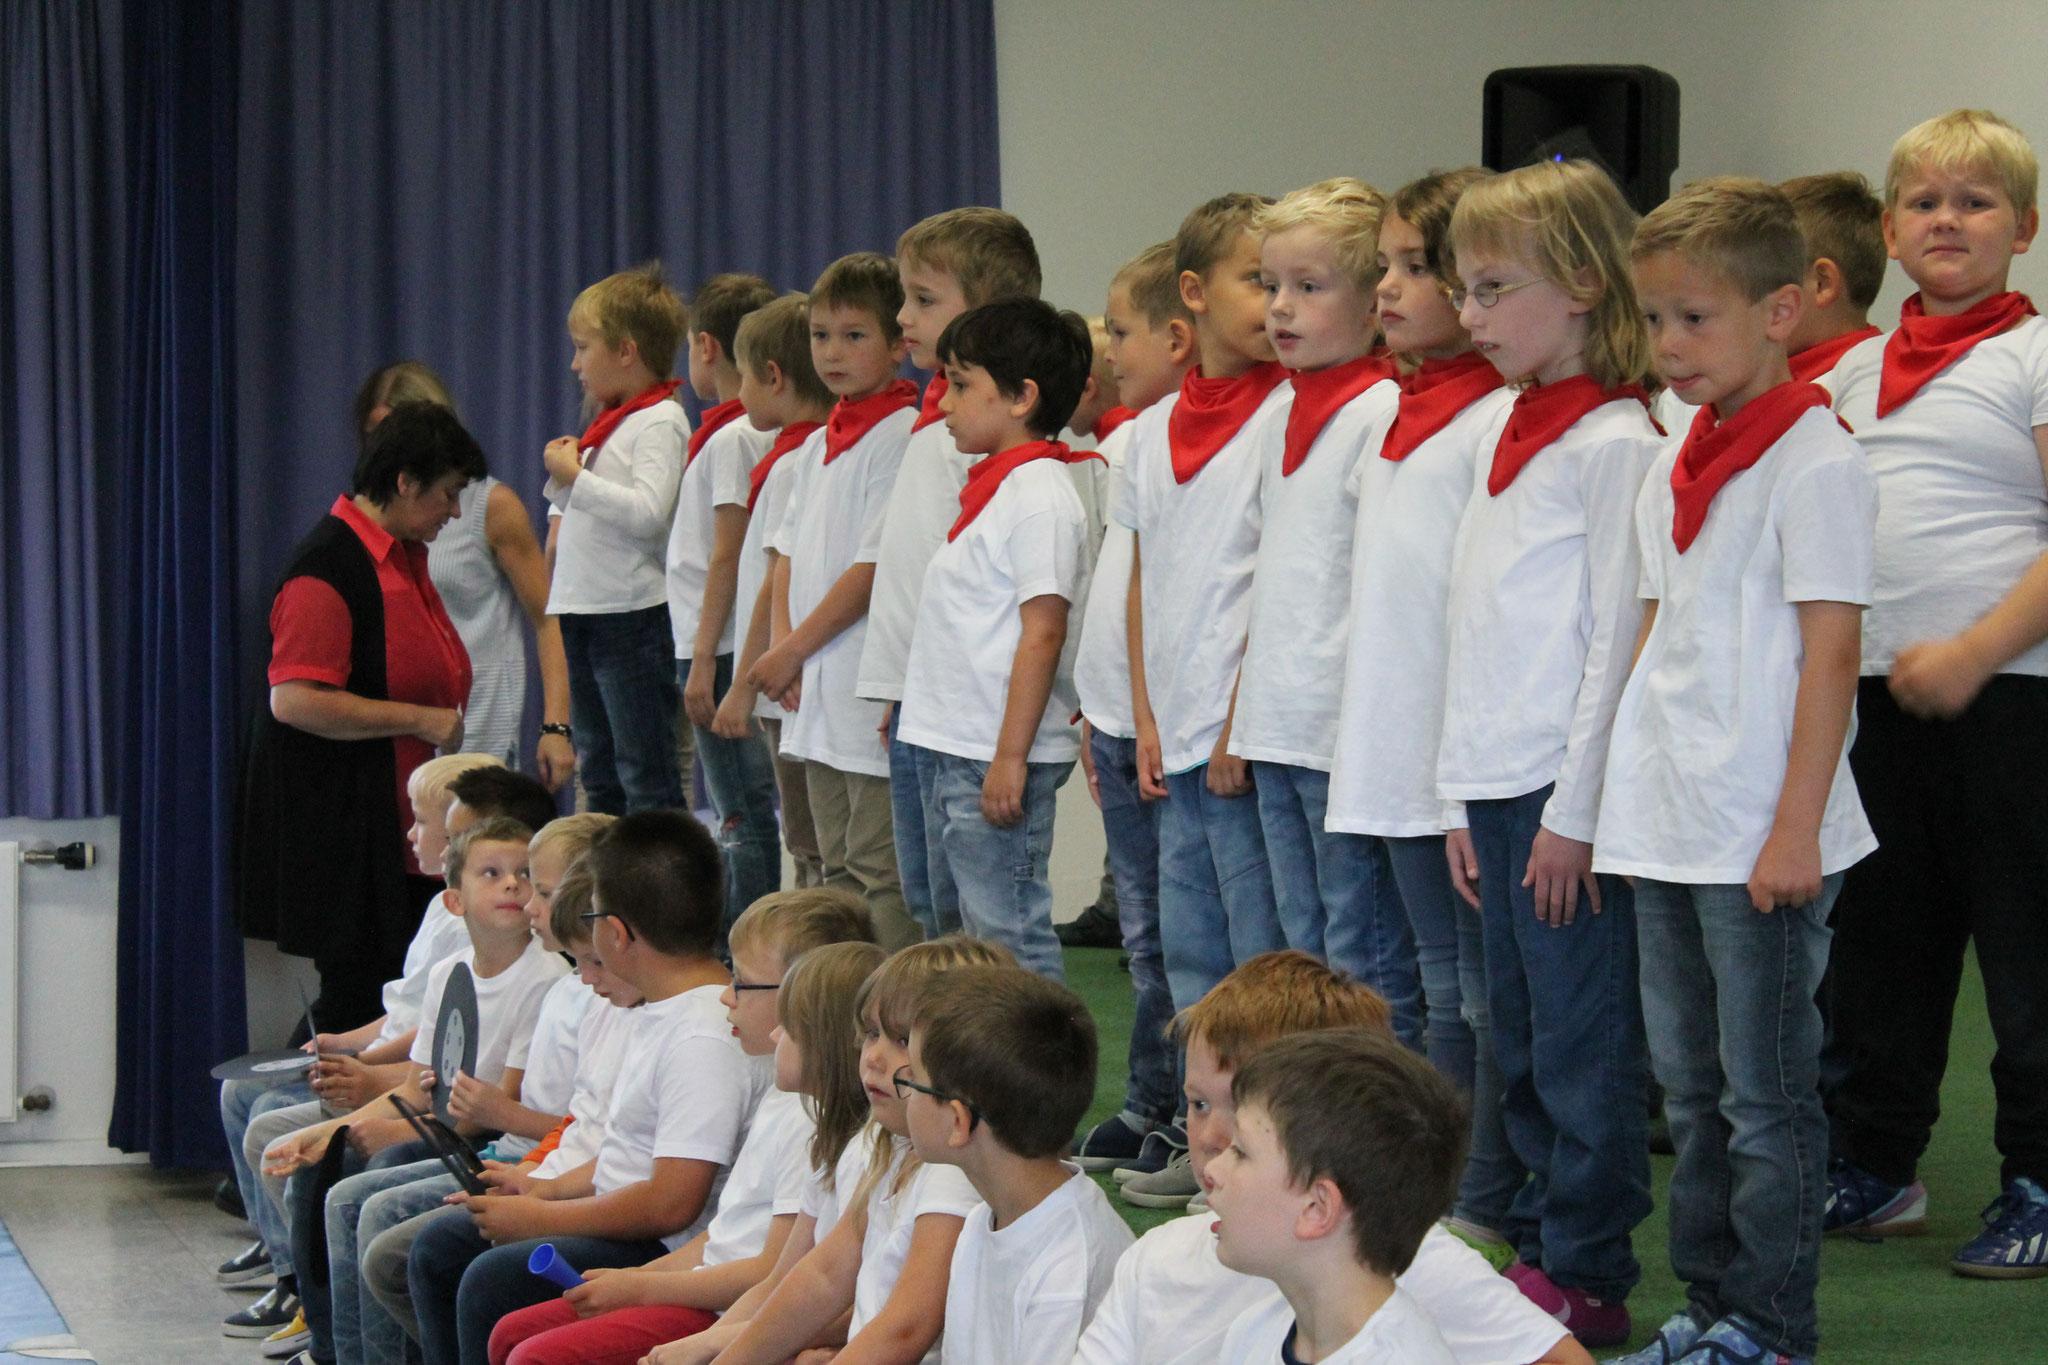 Die S1-Schüler singen ein Busreise-Lied.